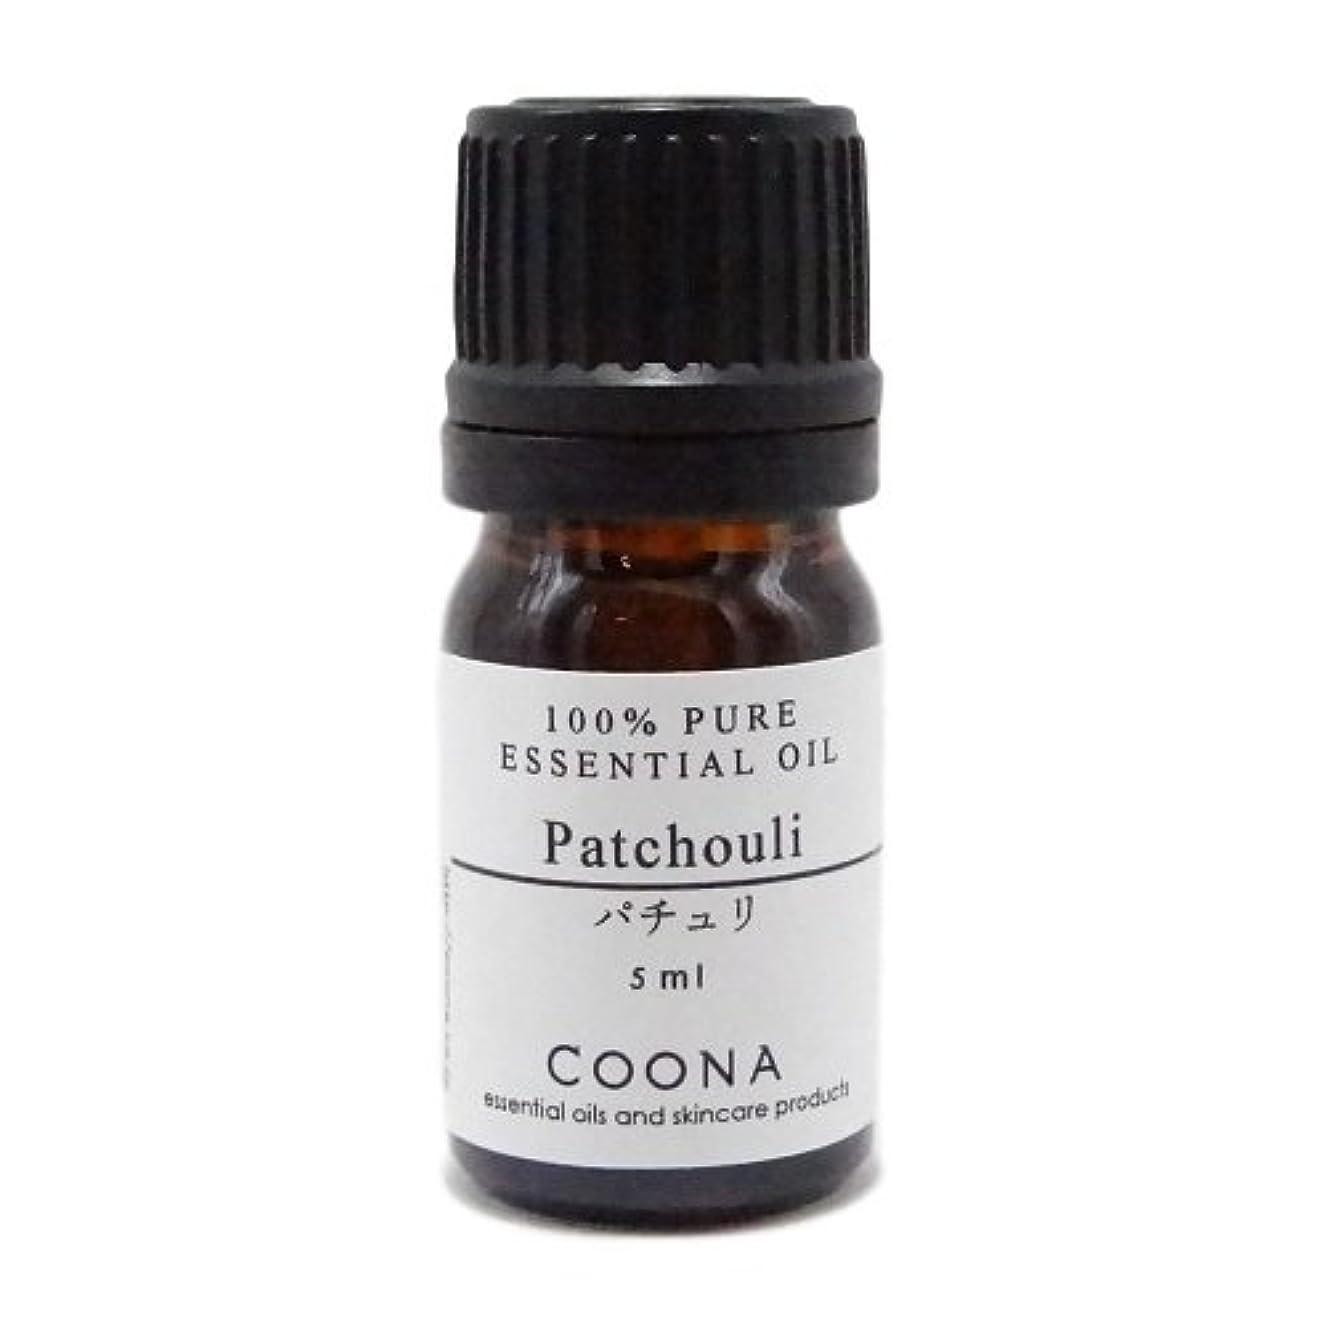 異邦人臭い贅沢パチュリ 5 ml (COONA エッセンシャルオイル アロマオイル 100%天然植物精油)